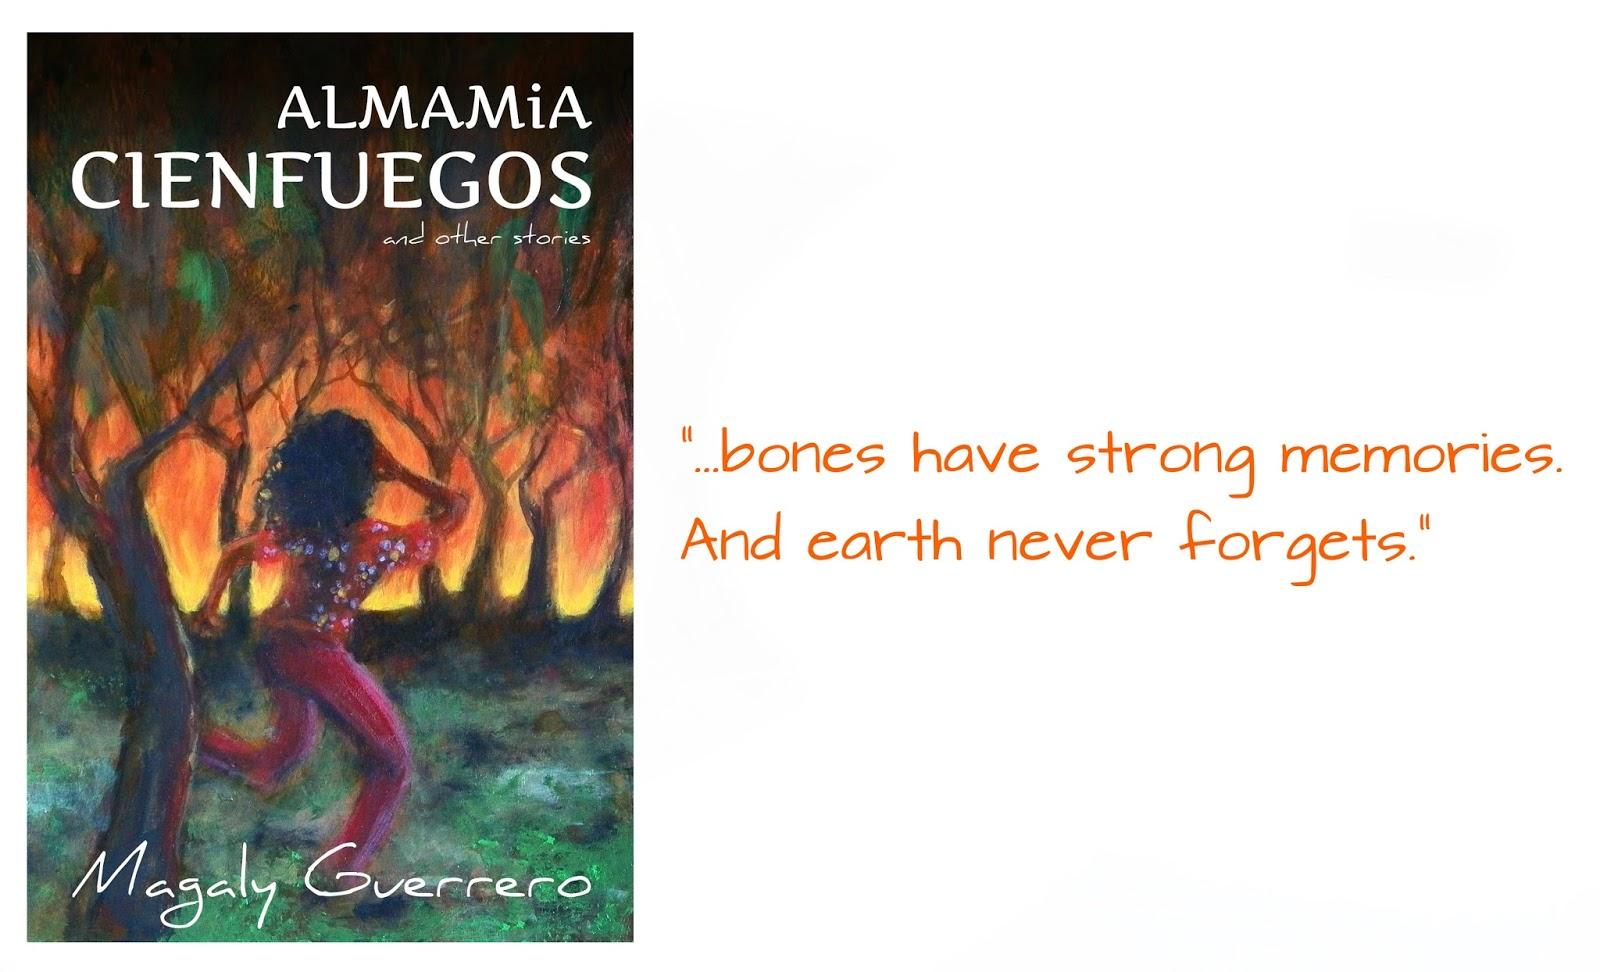 http://www.magalyguerrero.com/p/almamia-cienfuegos.html